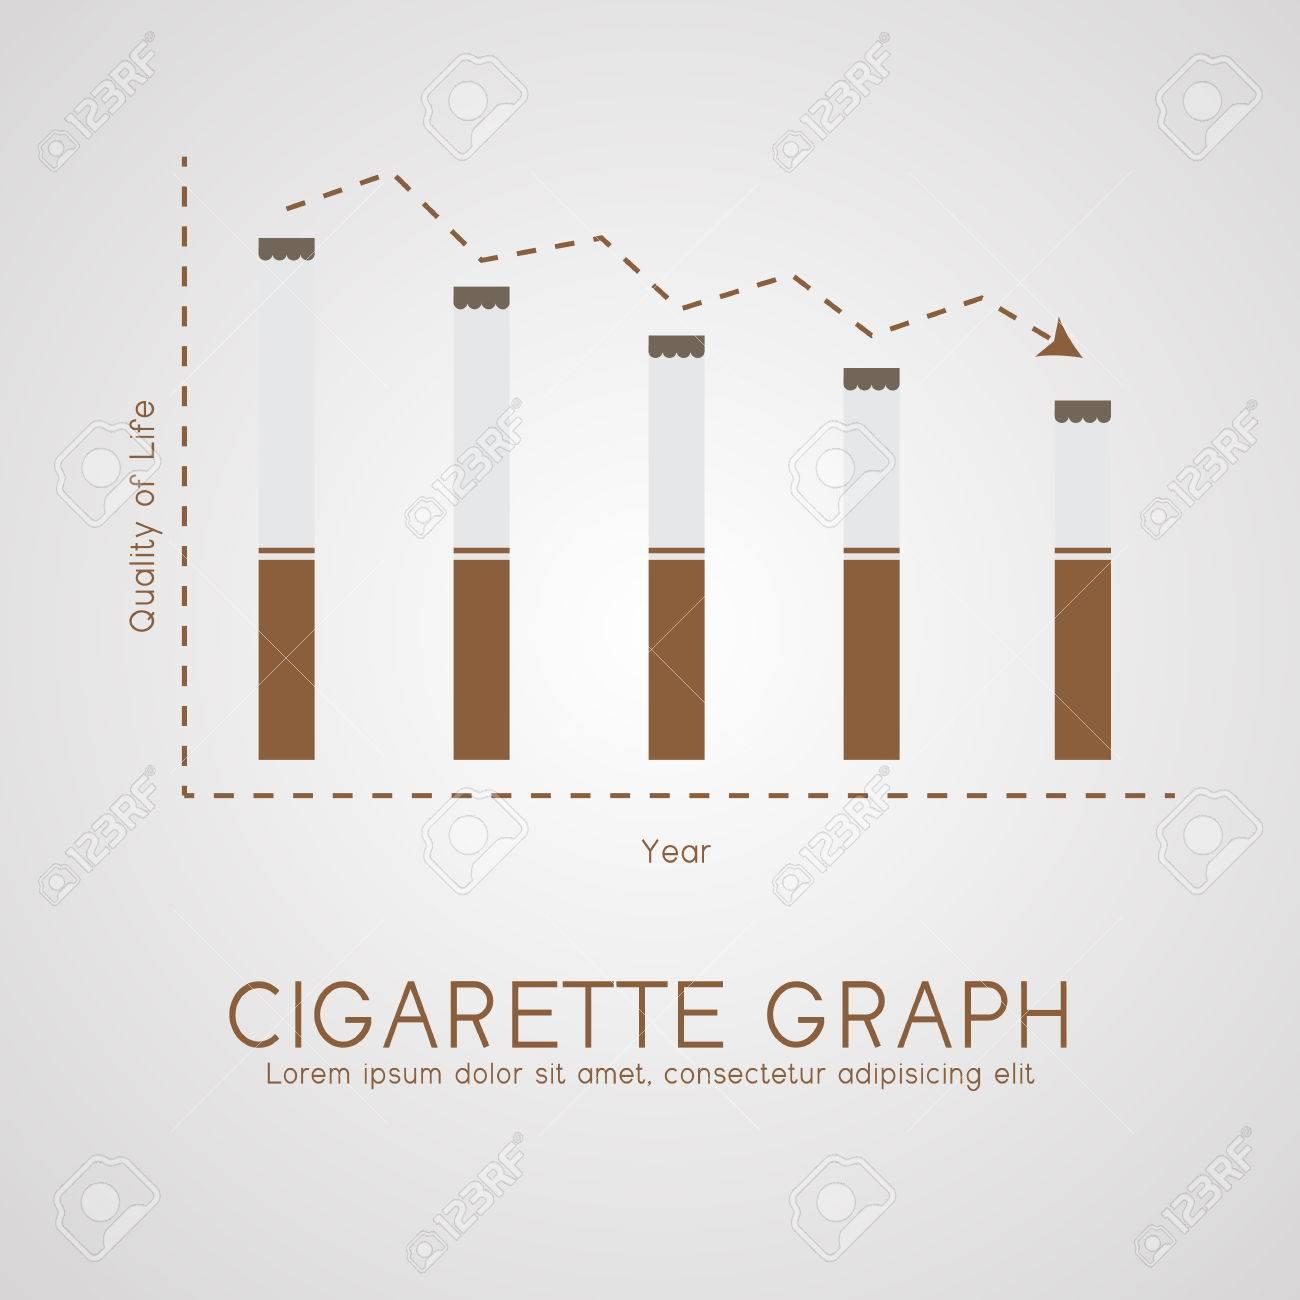 Vettoriale Vita Piatta Grafico Sigarette E Il Concetto Di Età